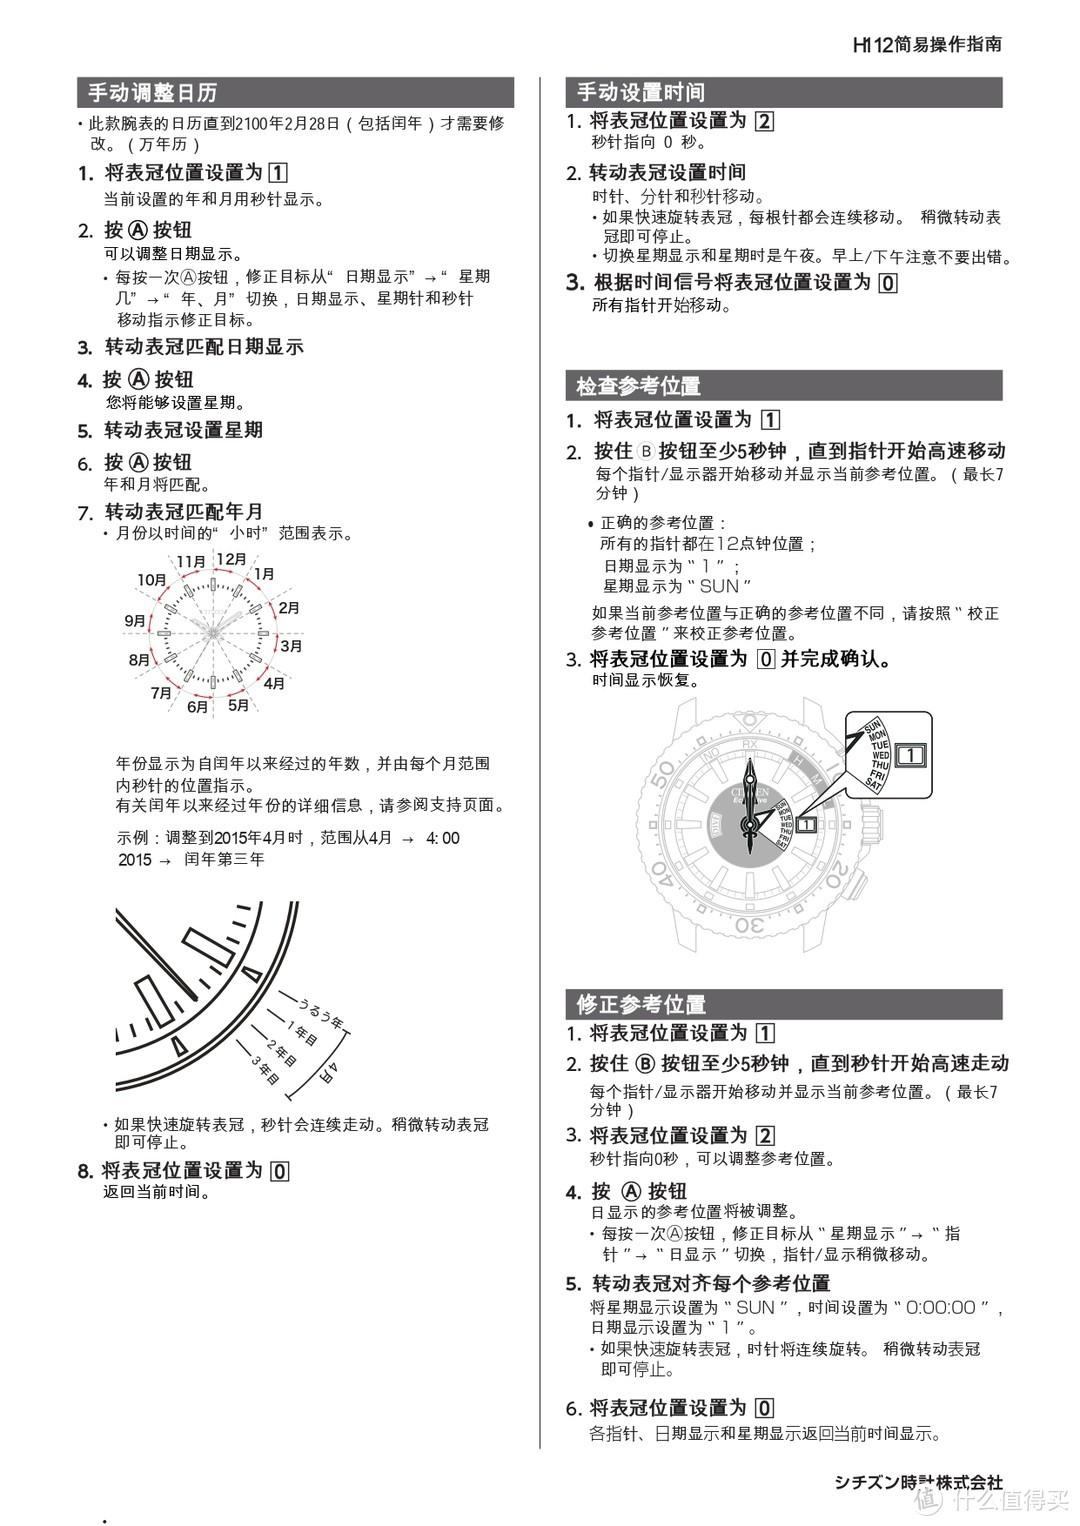 西铁城 - H112 光动能潜水表使用指南